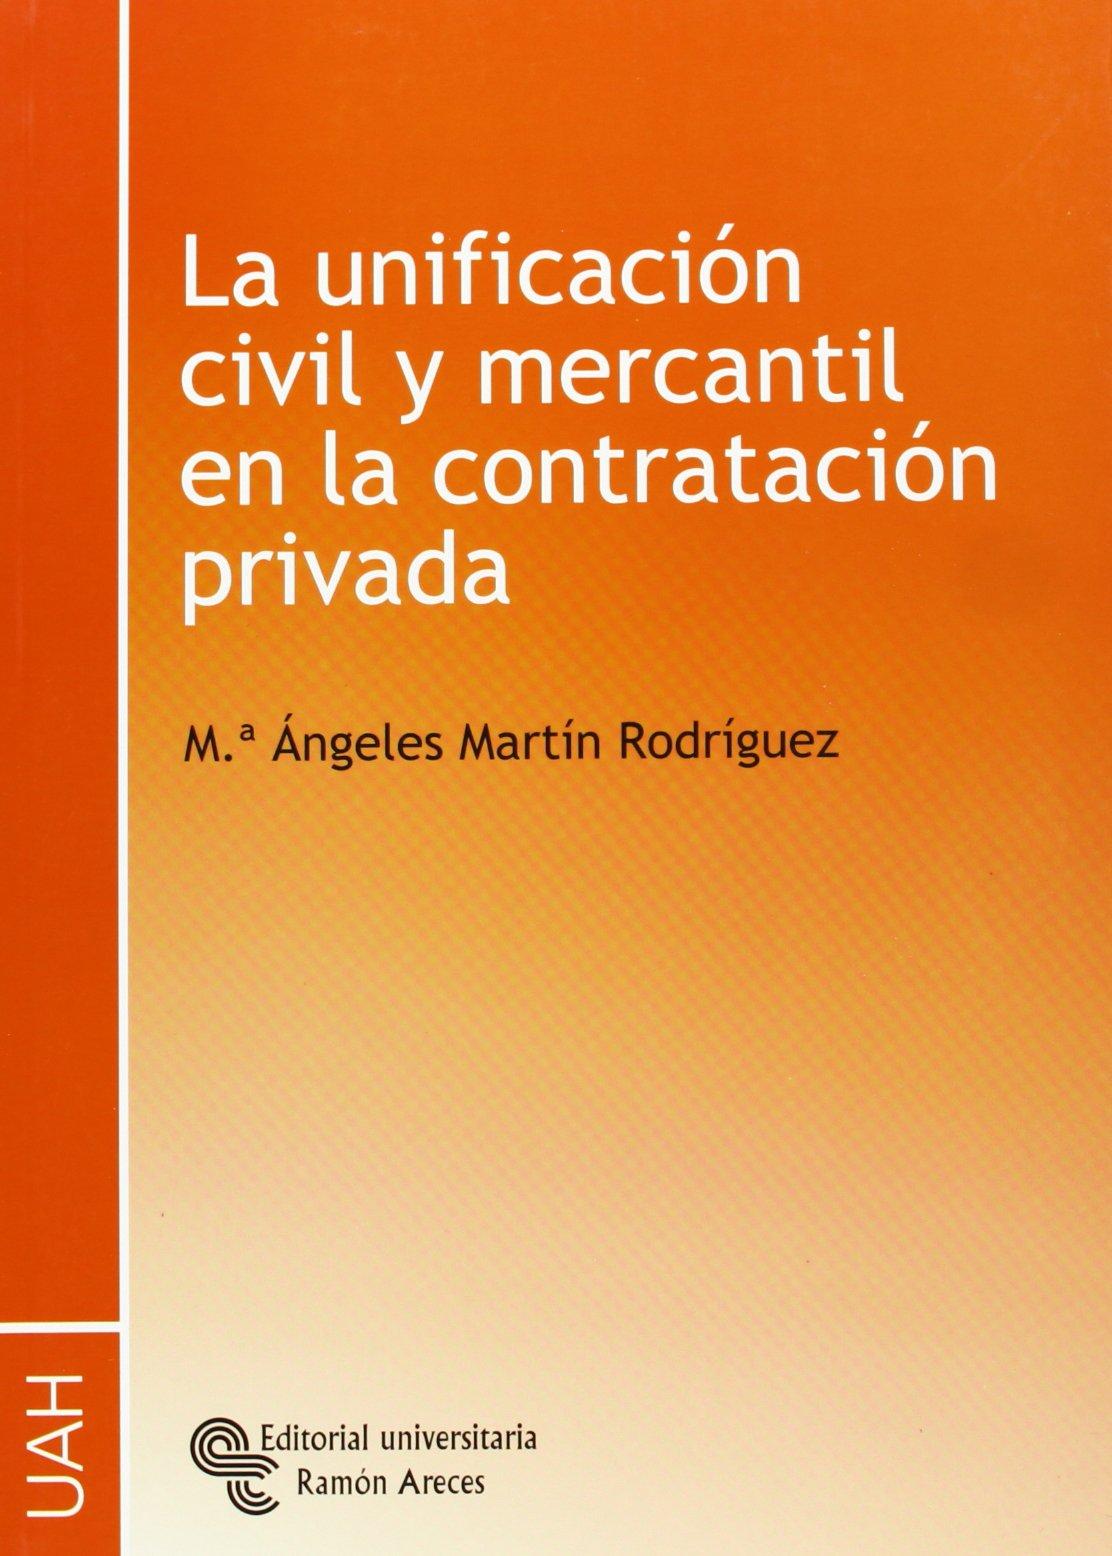 La unificación civil y mercantil en la contratación privada PDF